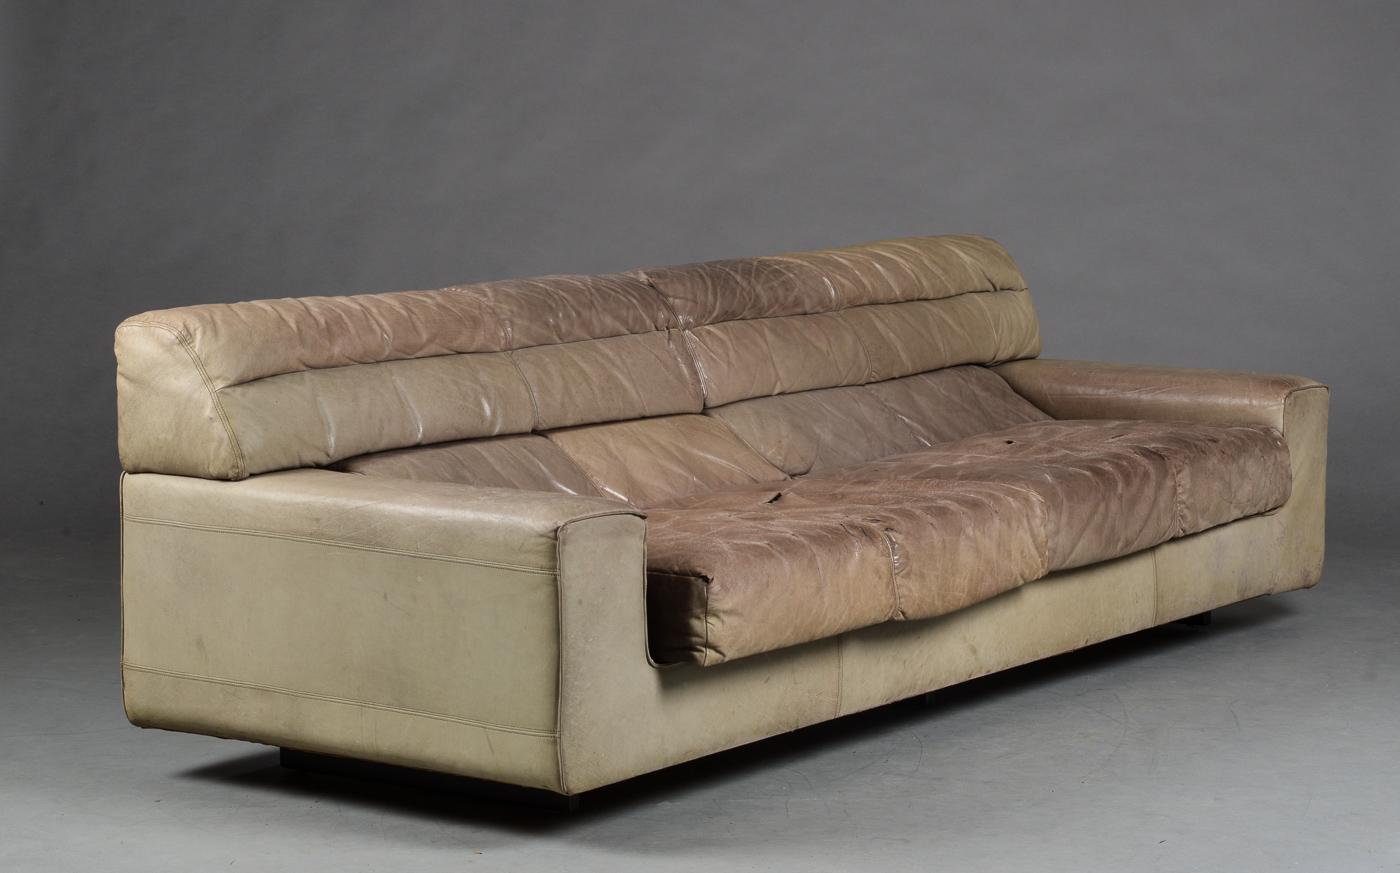 Lounge sofa betrukket med læder - Fire pers. loungesofa betrukket med vandbøffellæder. H. 41/72, L. 236, D. ca. 92 cm. Fremstår med kraftig slitage, revner og krakelering på siddeflader